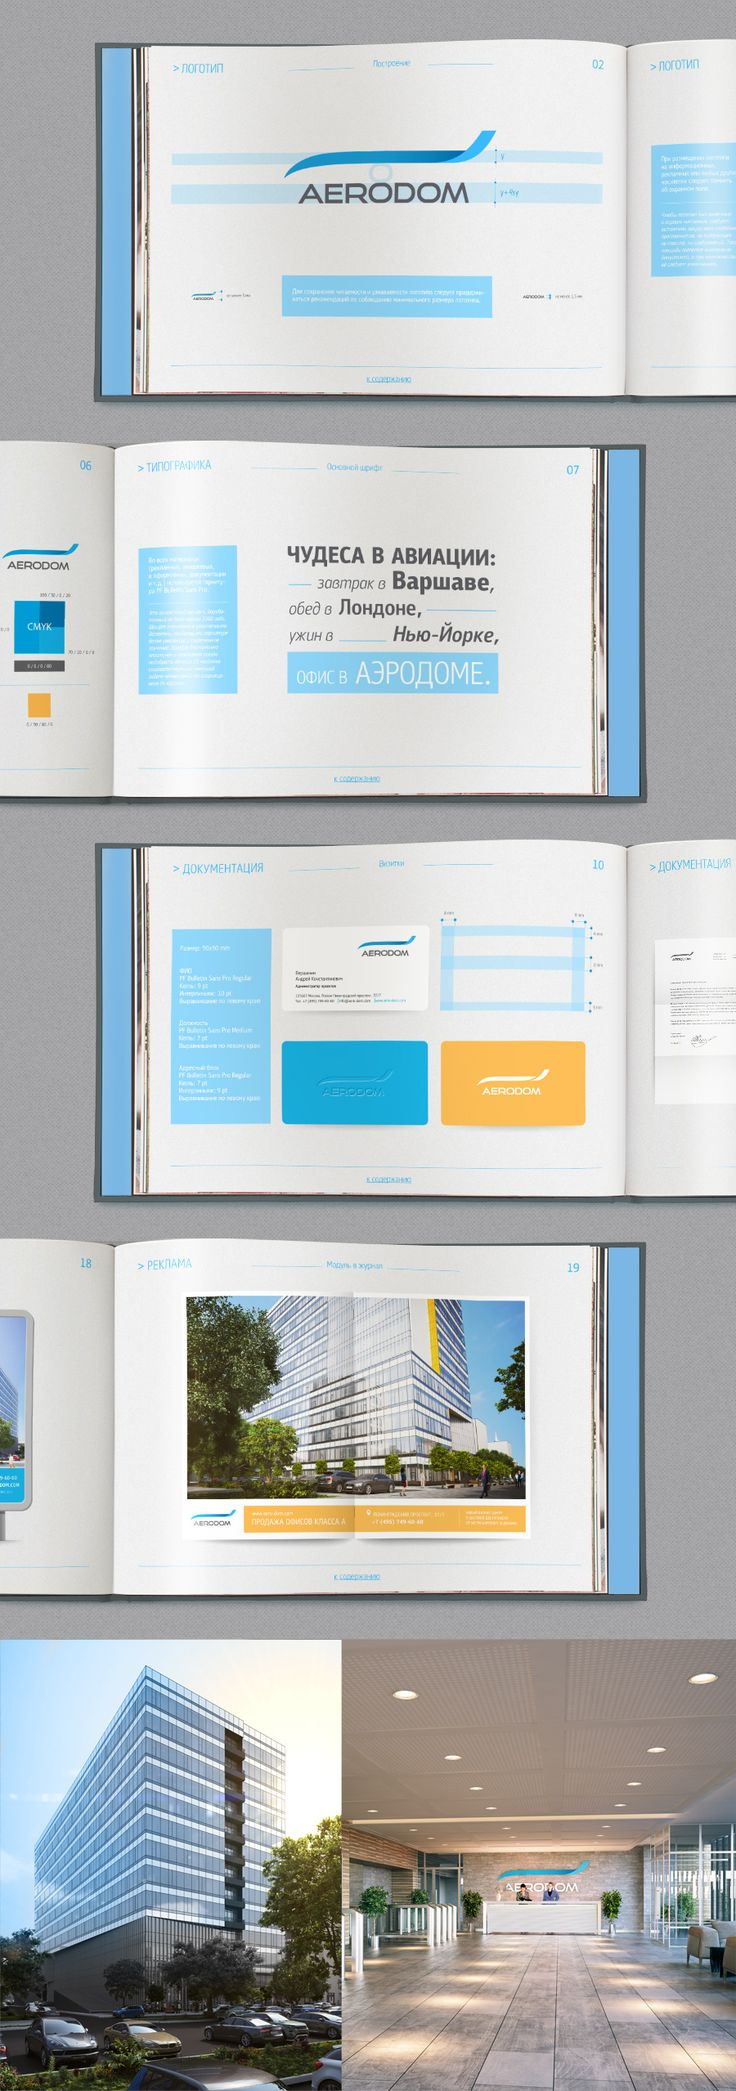 АЭРОДОМ: Корпоративный брендинг, Полиграфия, Разработка логотипа, Ребрендинг, рестайлинг, Фирменный стиль